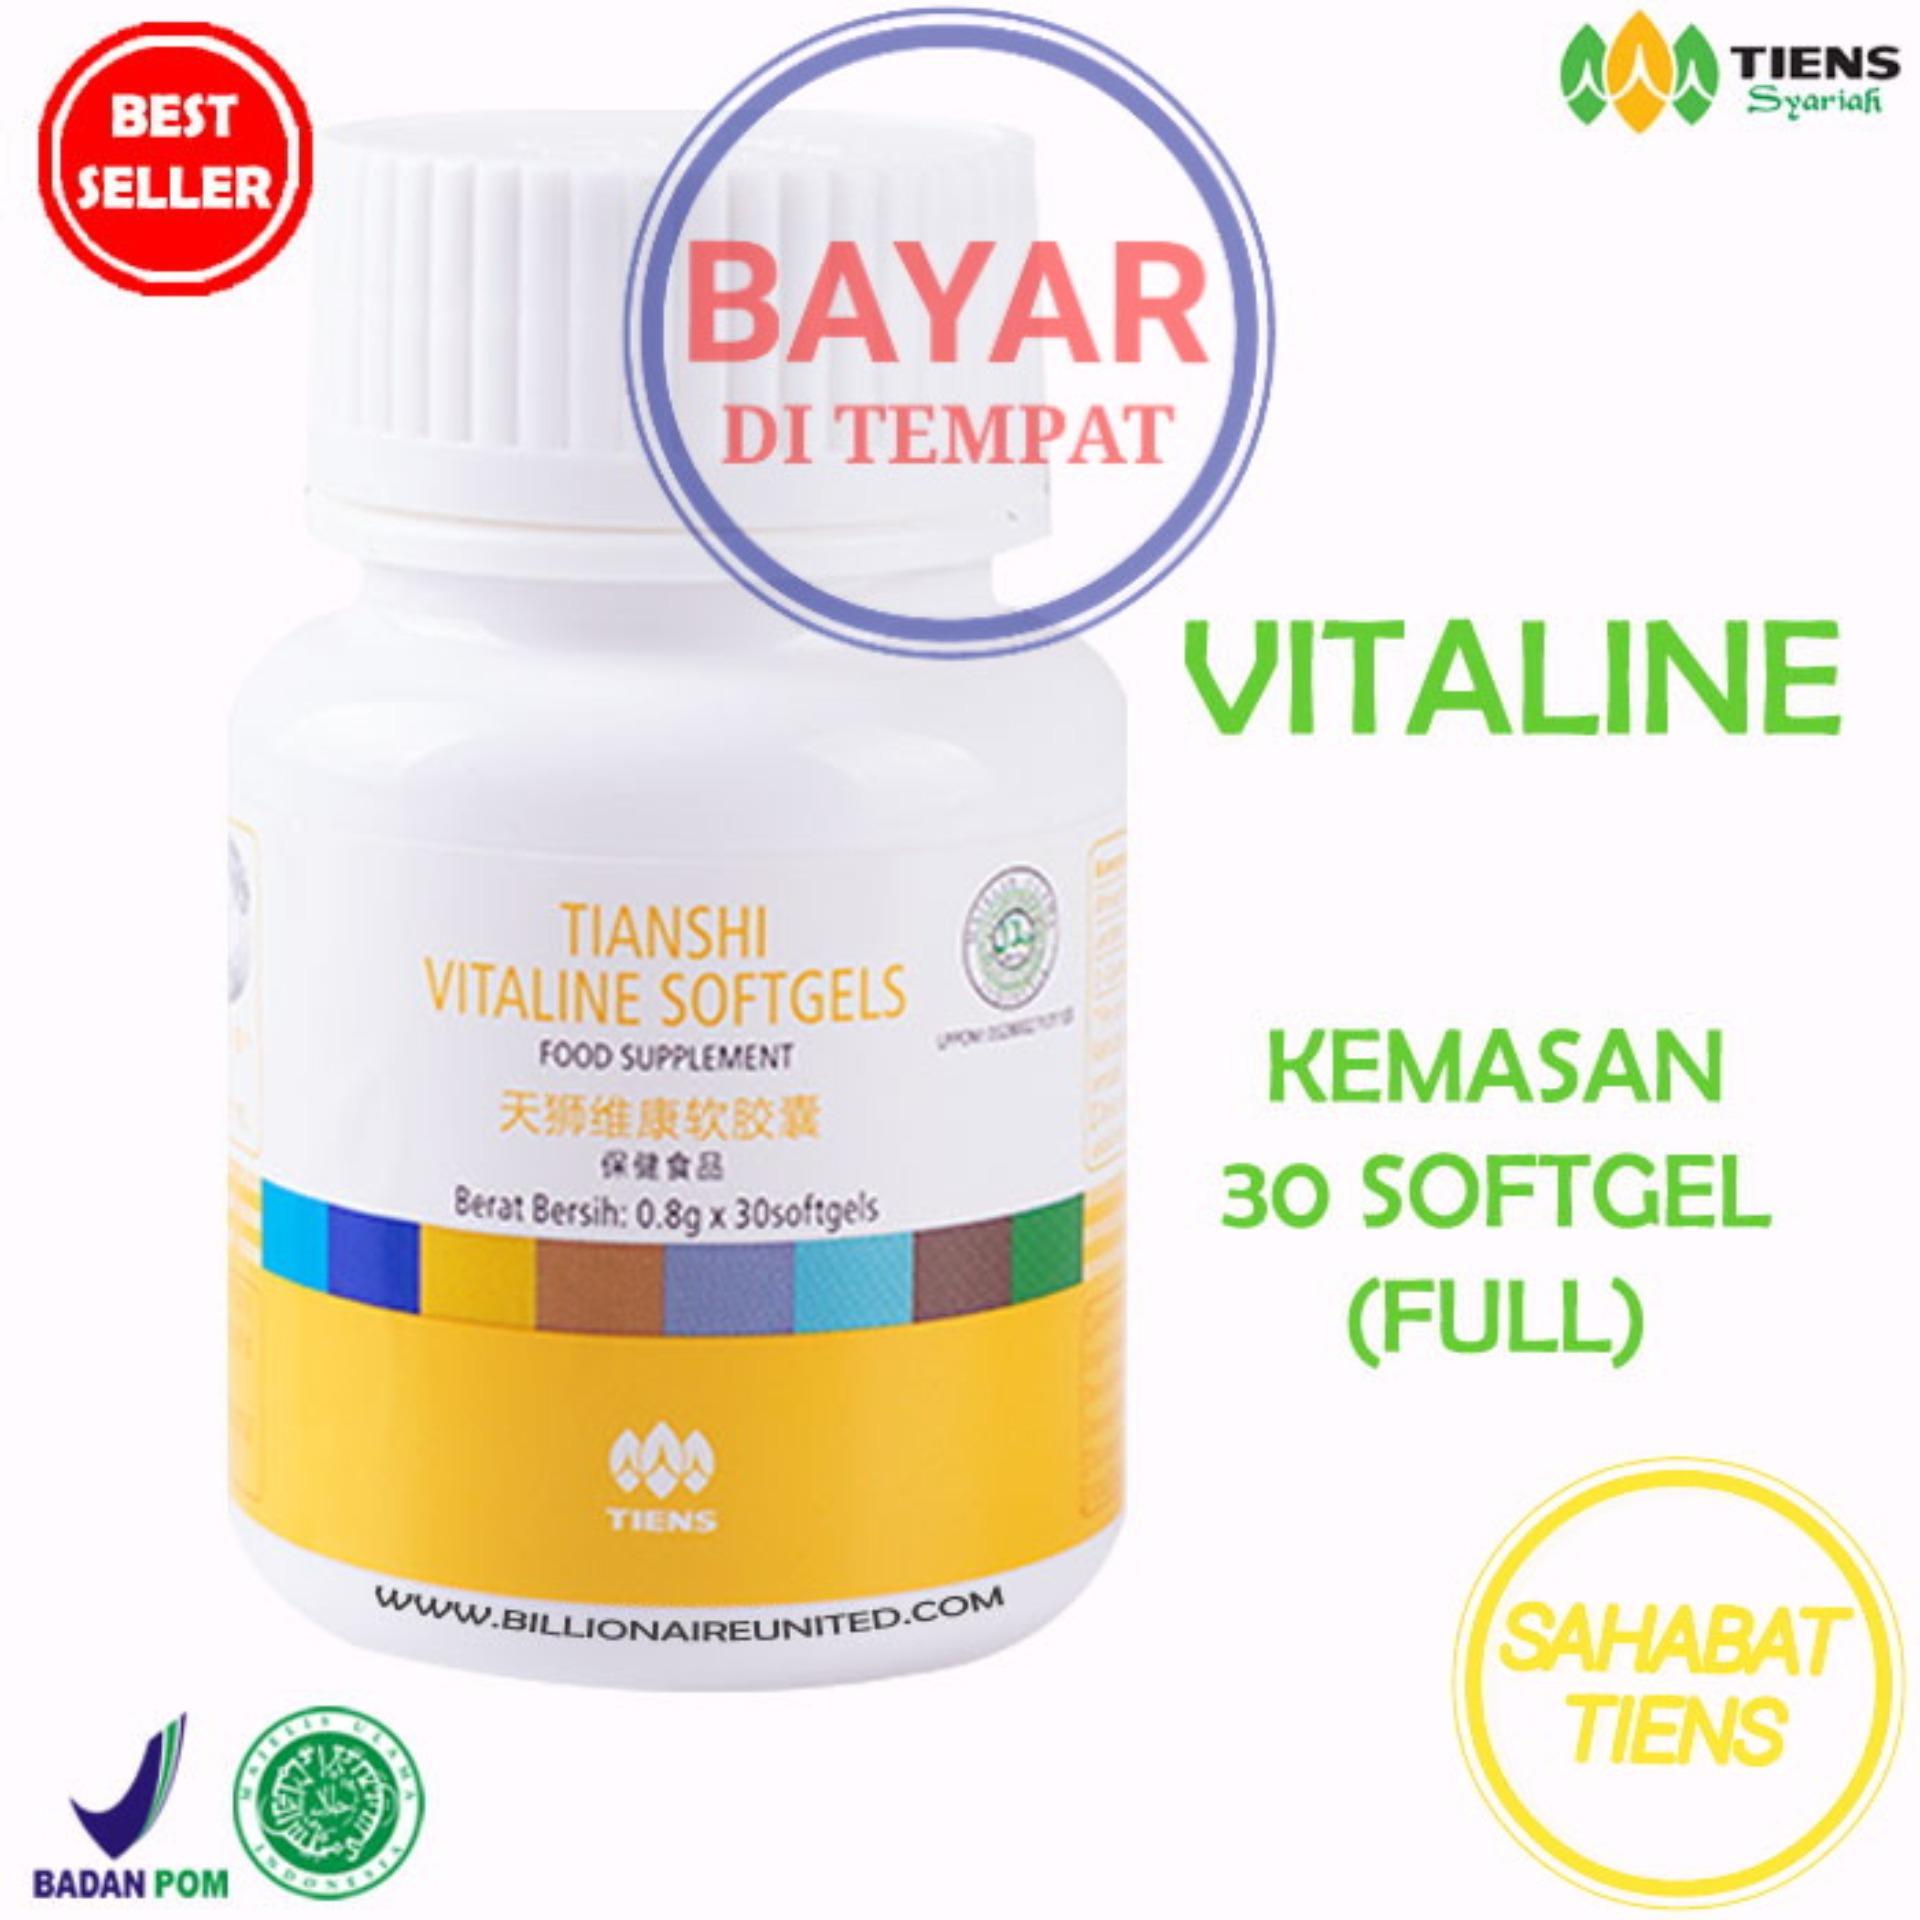 Spesifikasi Tiens Vitaline Pemutih Kulit Wajah Dan Tubuh Terbaik Dengan Vitamin E Free Kartu Member St Dan Harganya